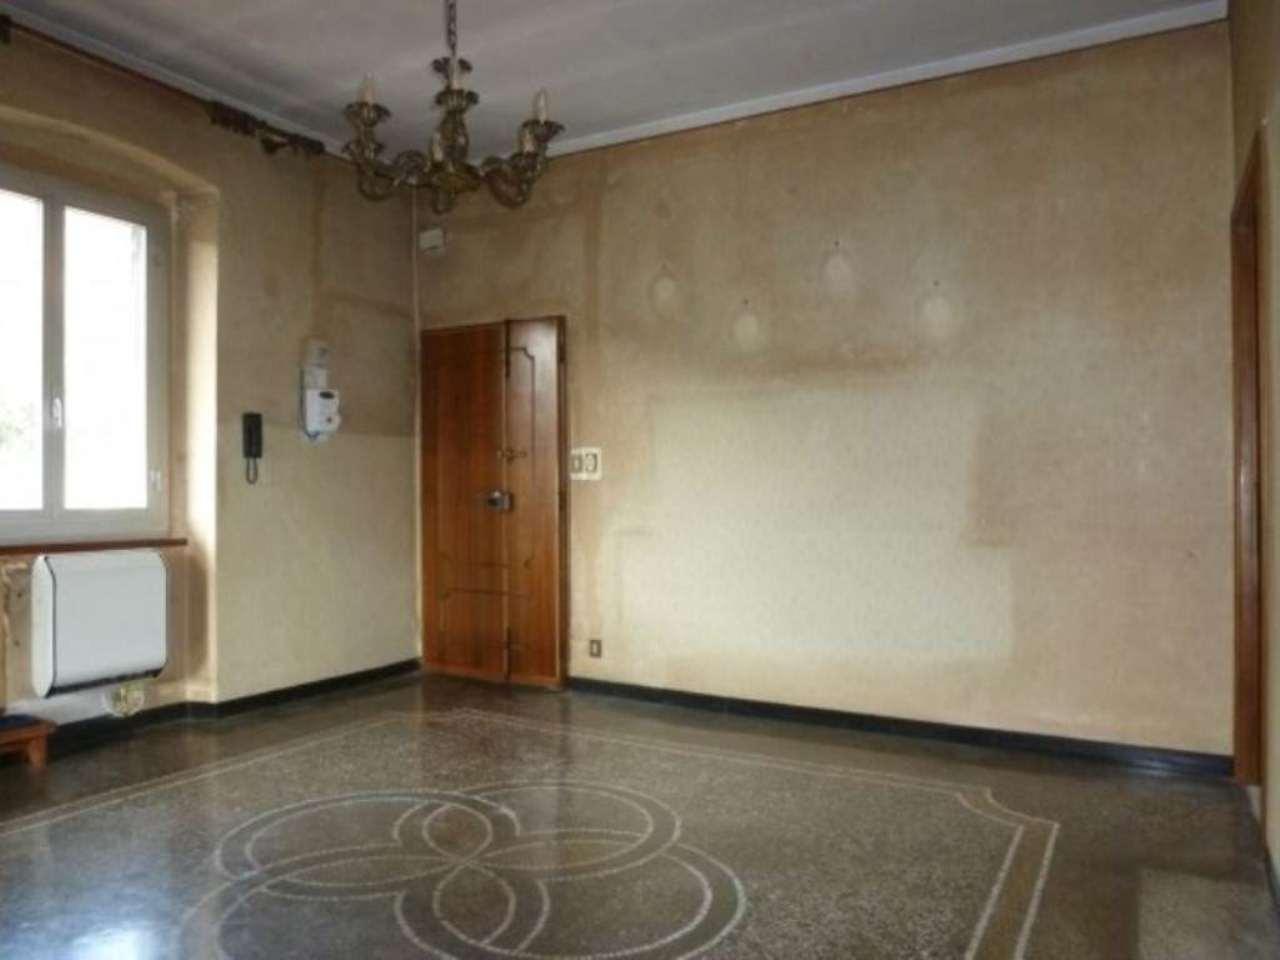 Appartamento in vendita a Ceranesi, 5 locali, prezzo € 55.000 | Cambio Casa.it